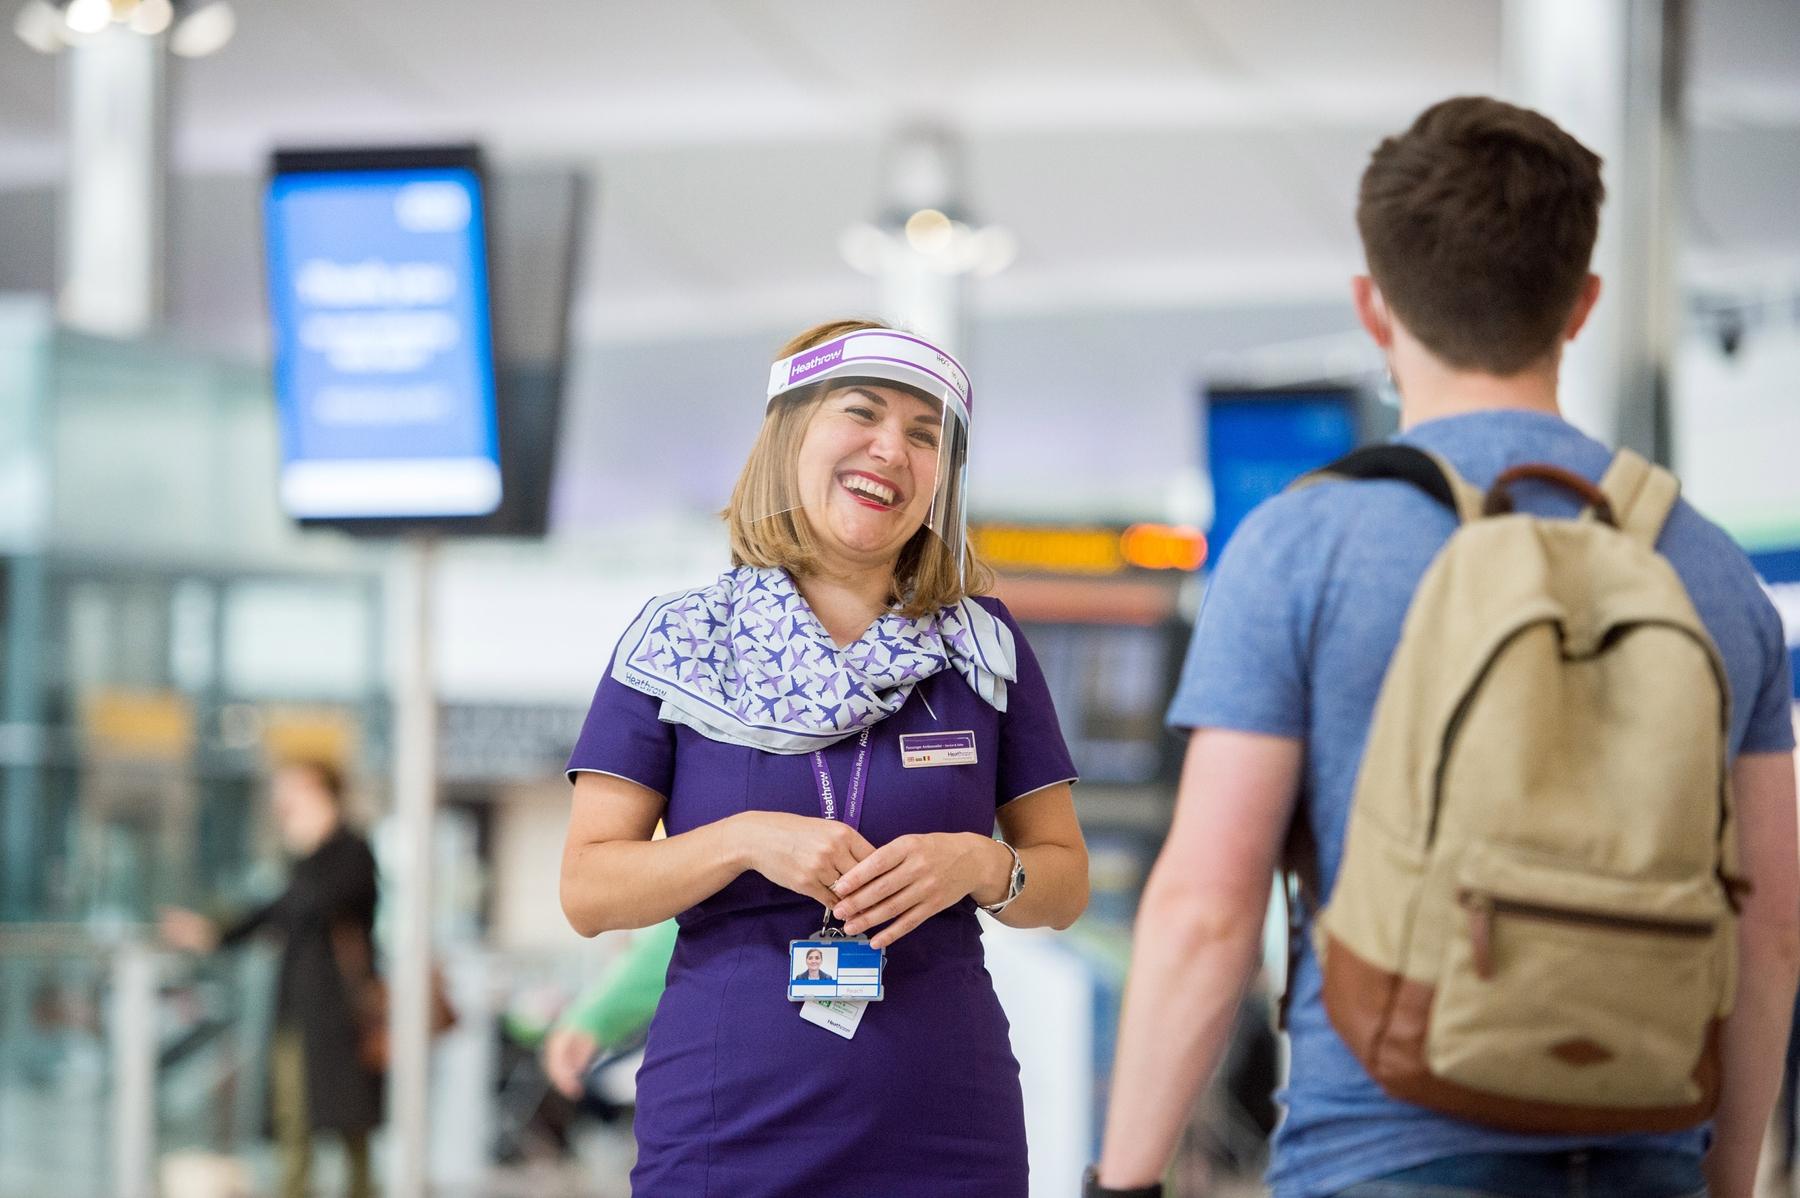 Путешествие во время пандемии. Аэропорт Хитроу, Лондон